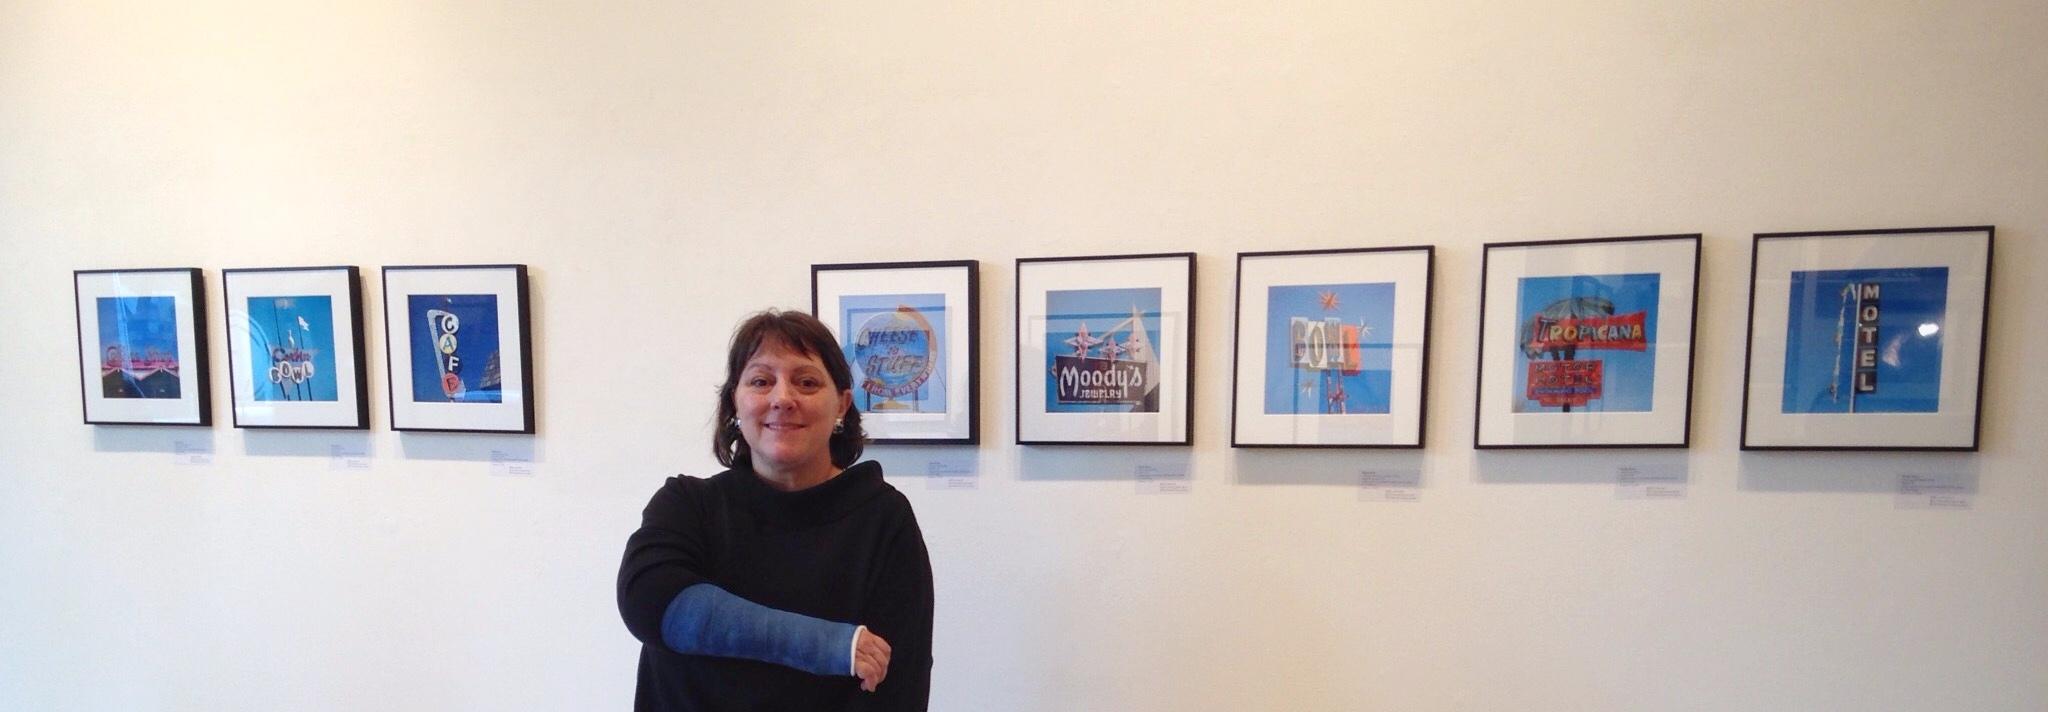 Molly Block: Roadside Relics exhibition. Broken arm.